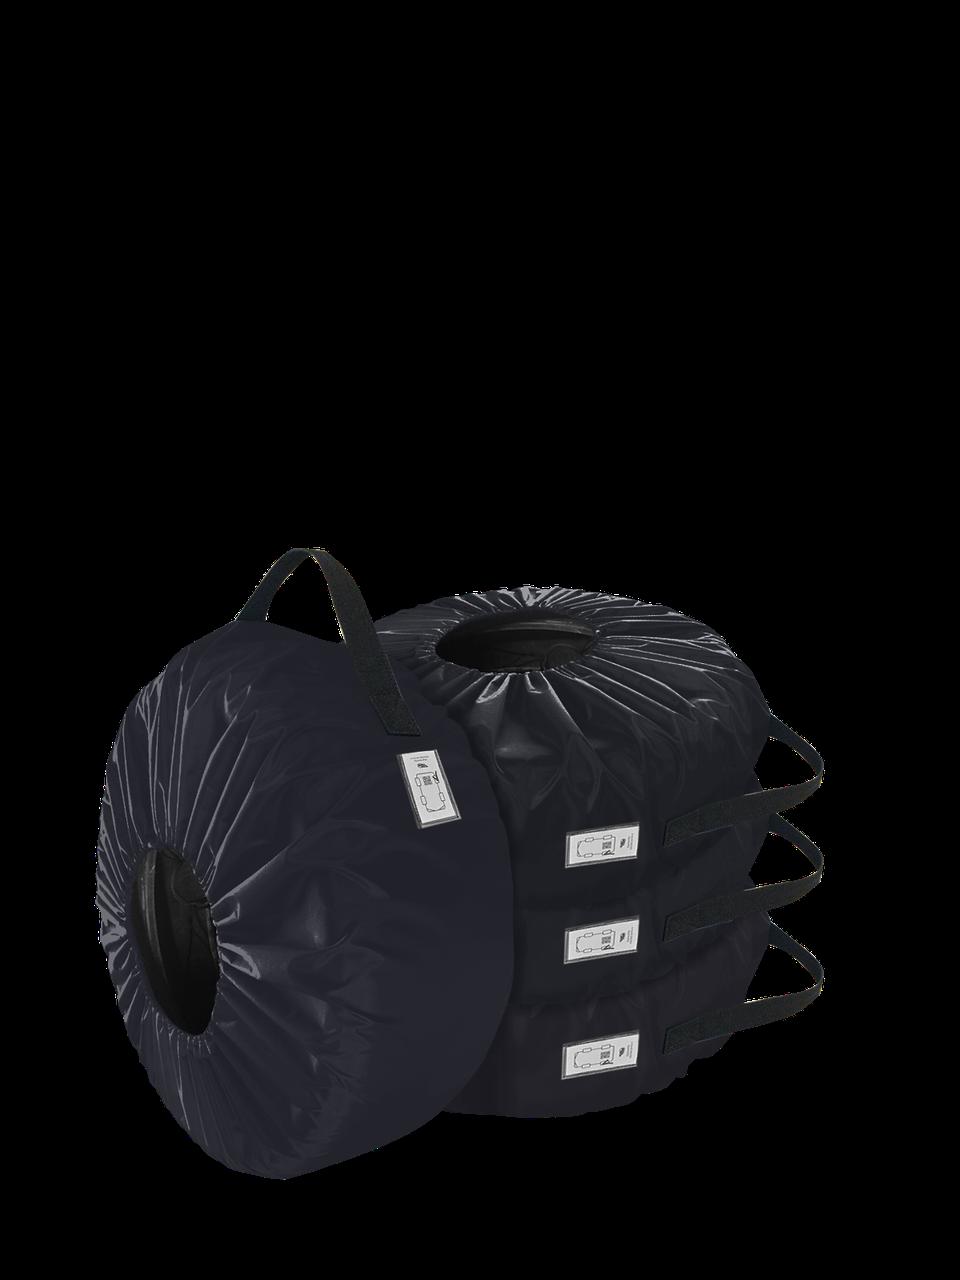 Комплект чохлів для коліс Coverbag Eco S синій 4шт.